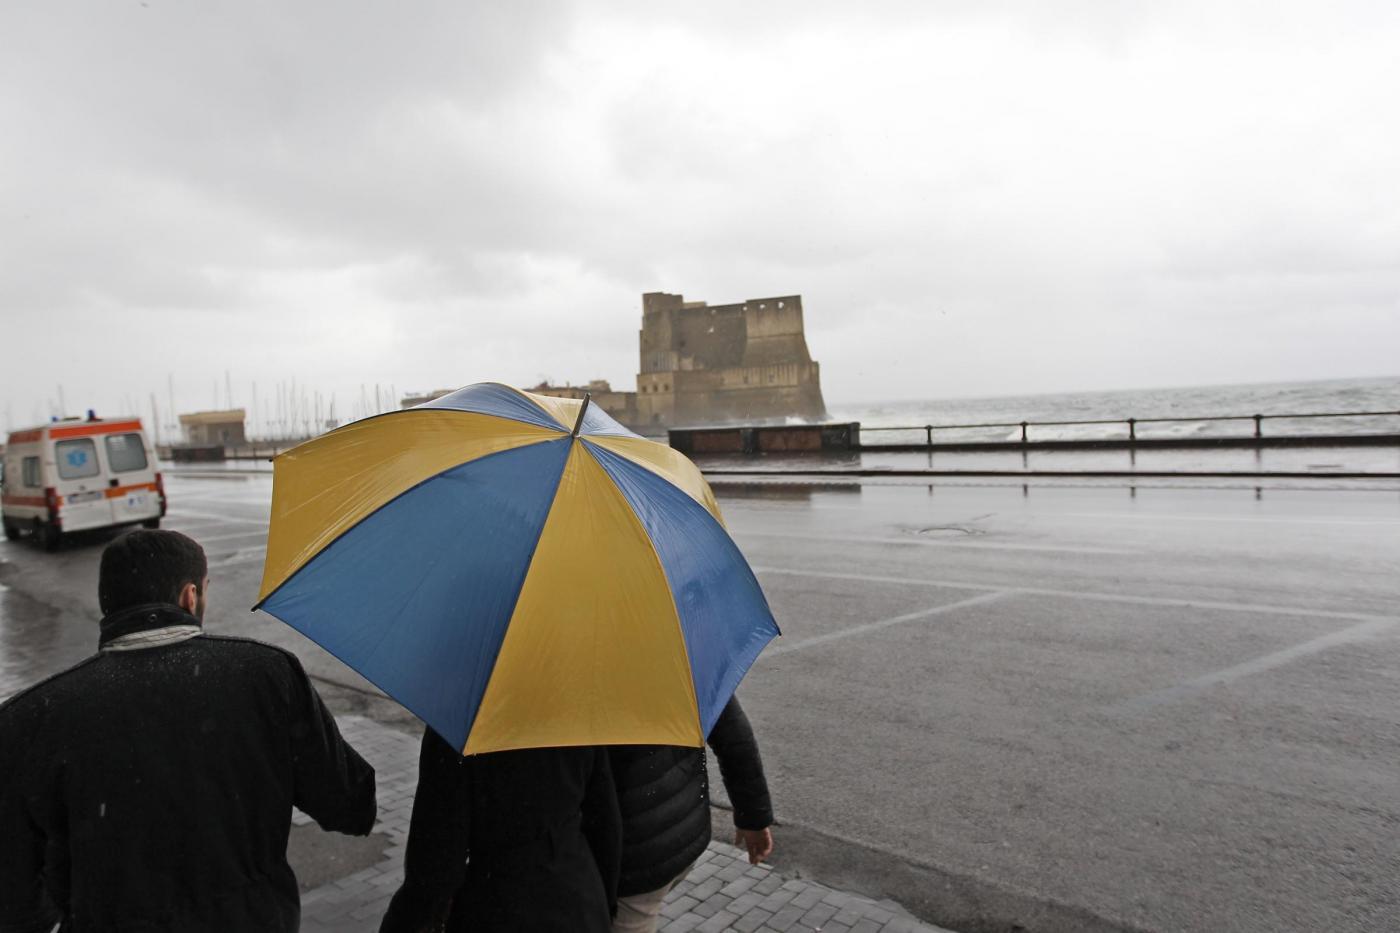 Maltempo in Campania: La Protezione civile lancia l'allerta meteo